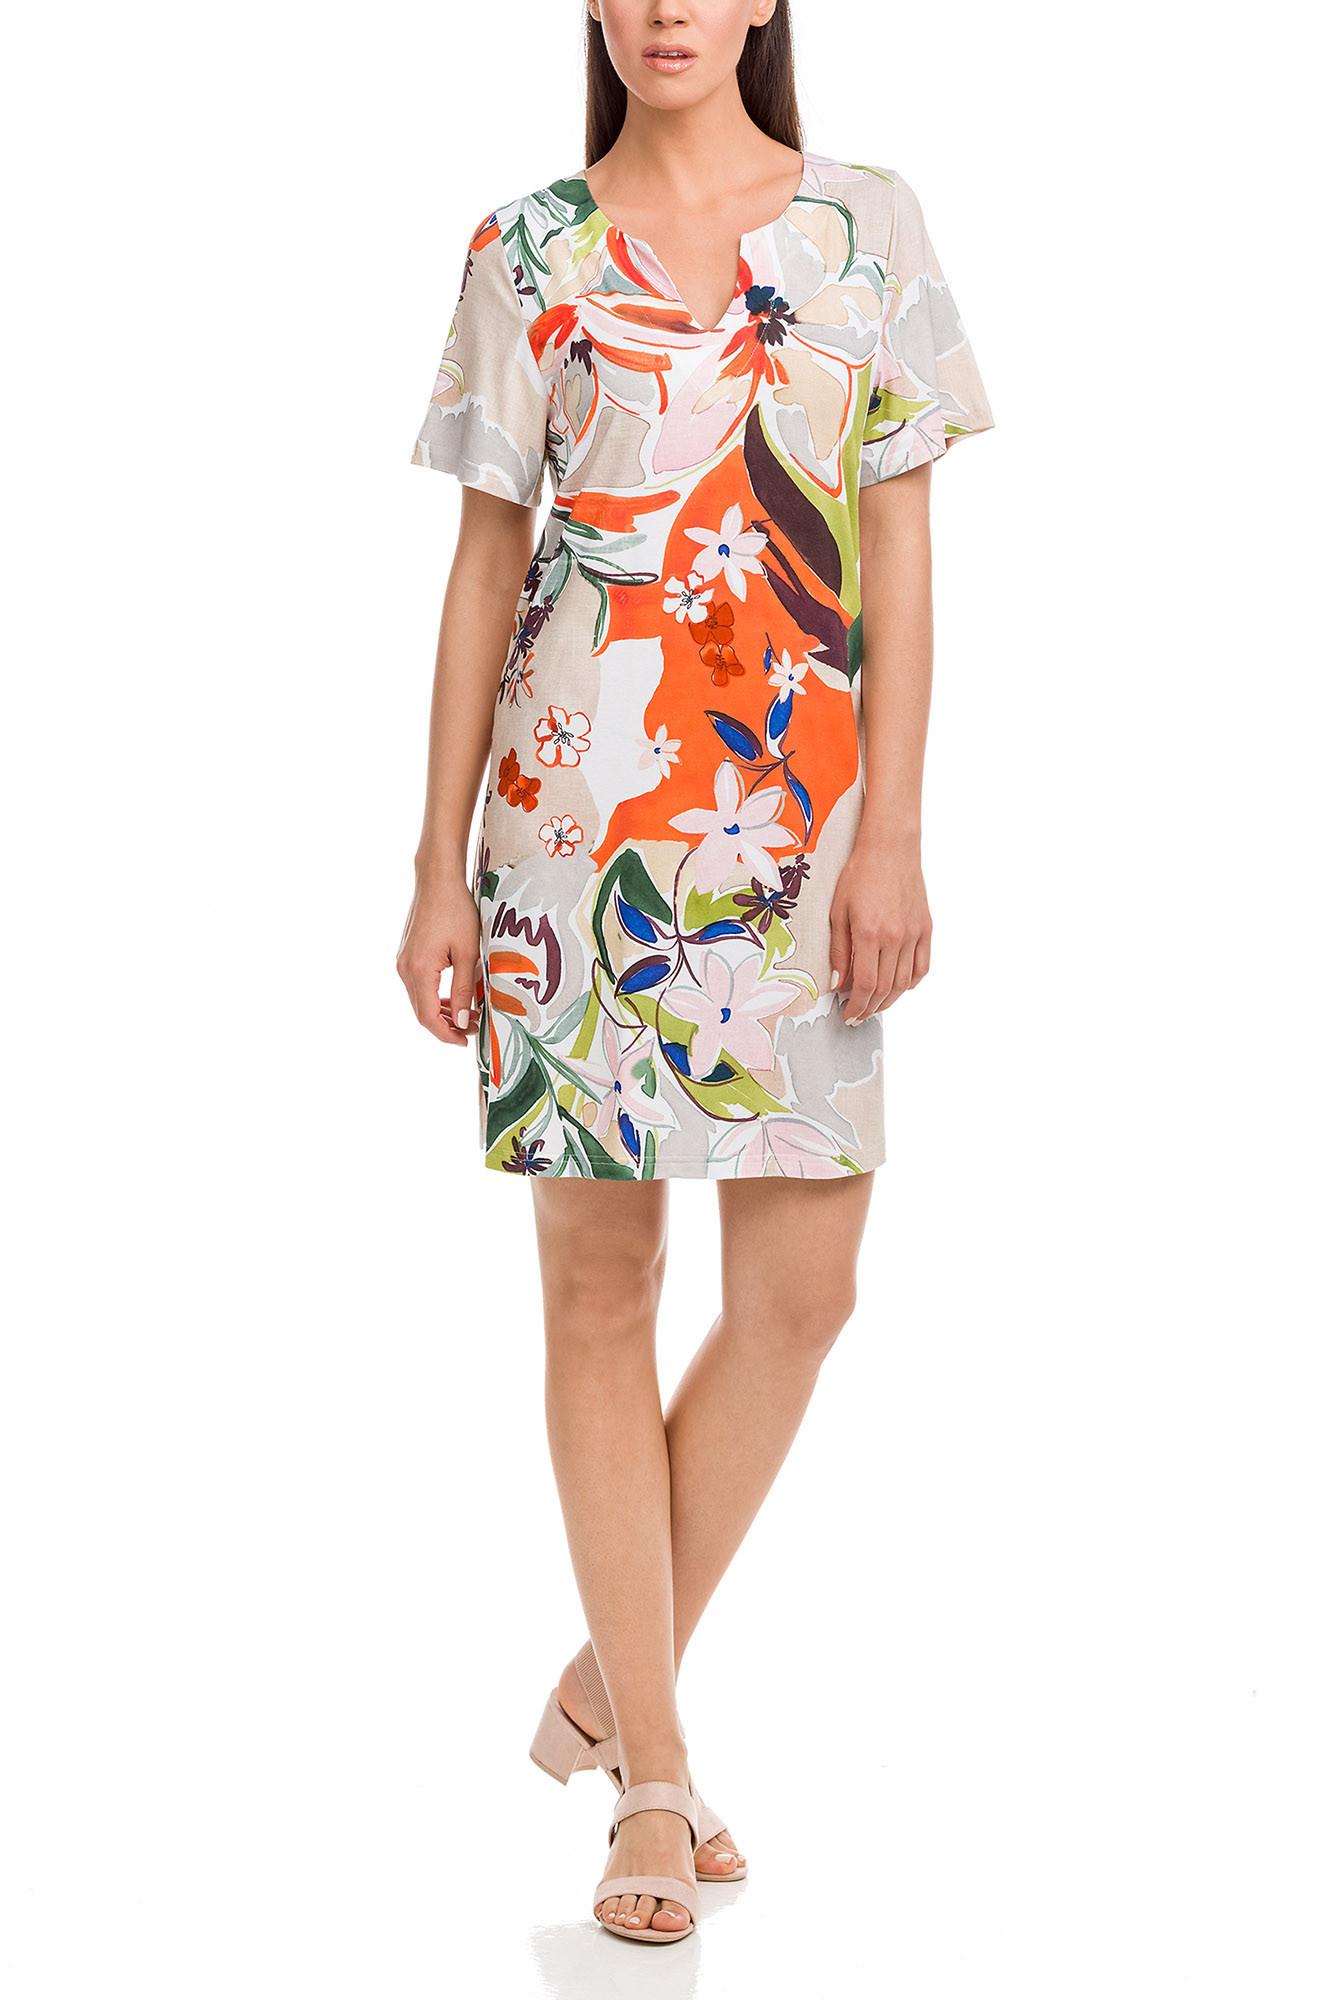 Vamp - Dámske letné šaty 12471 - Vamp beige peach xxl